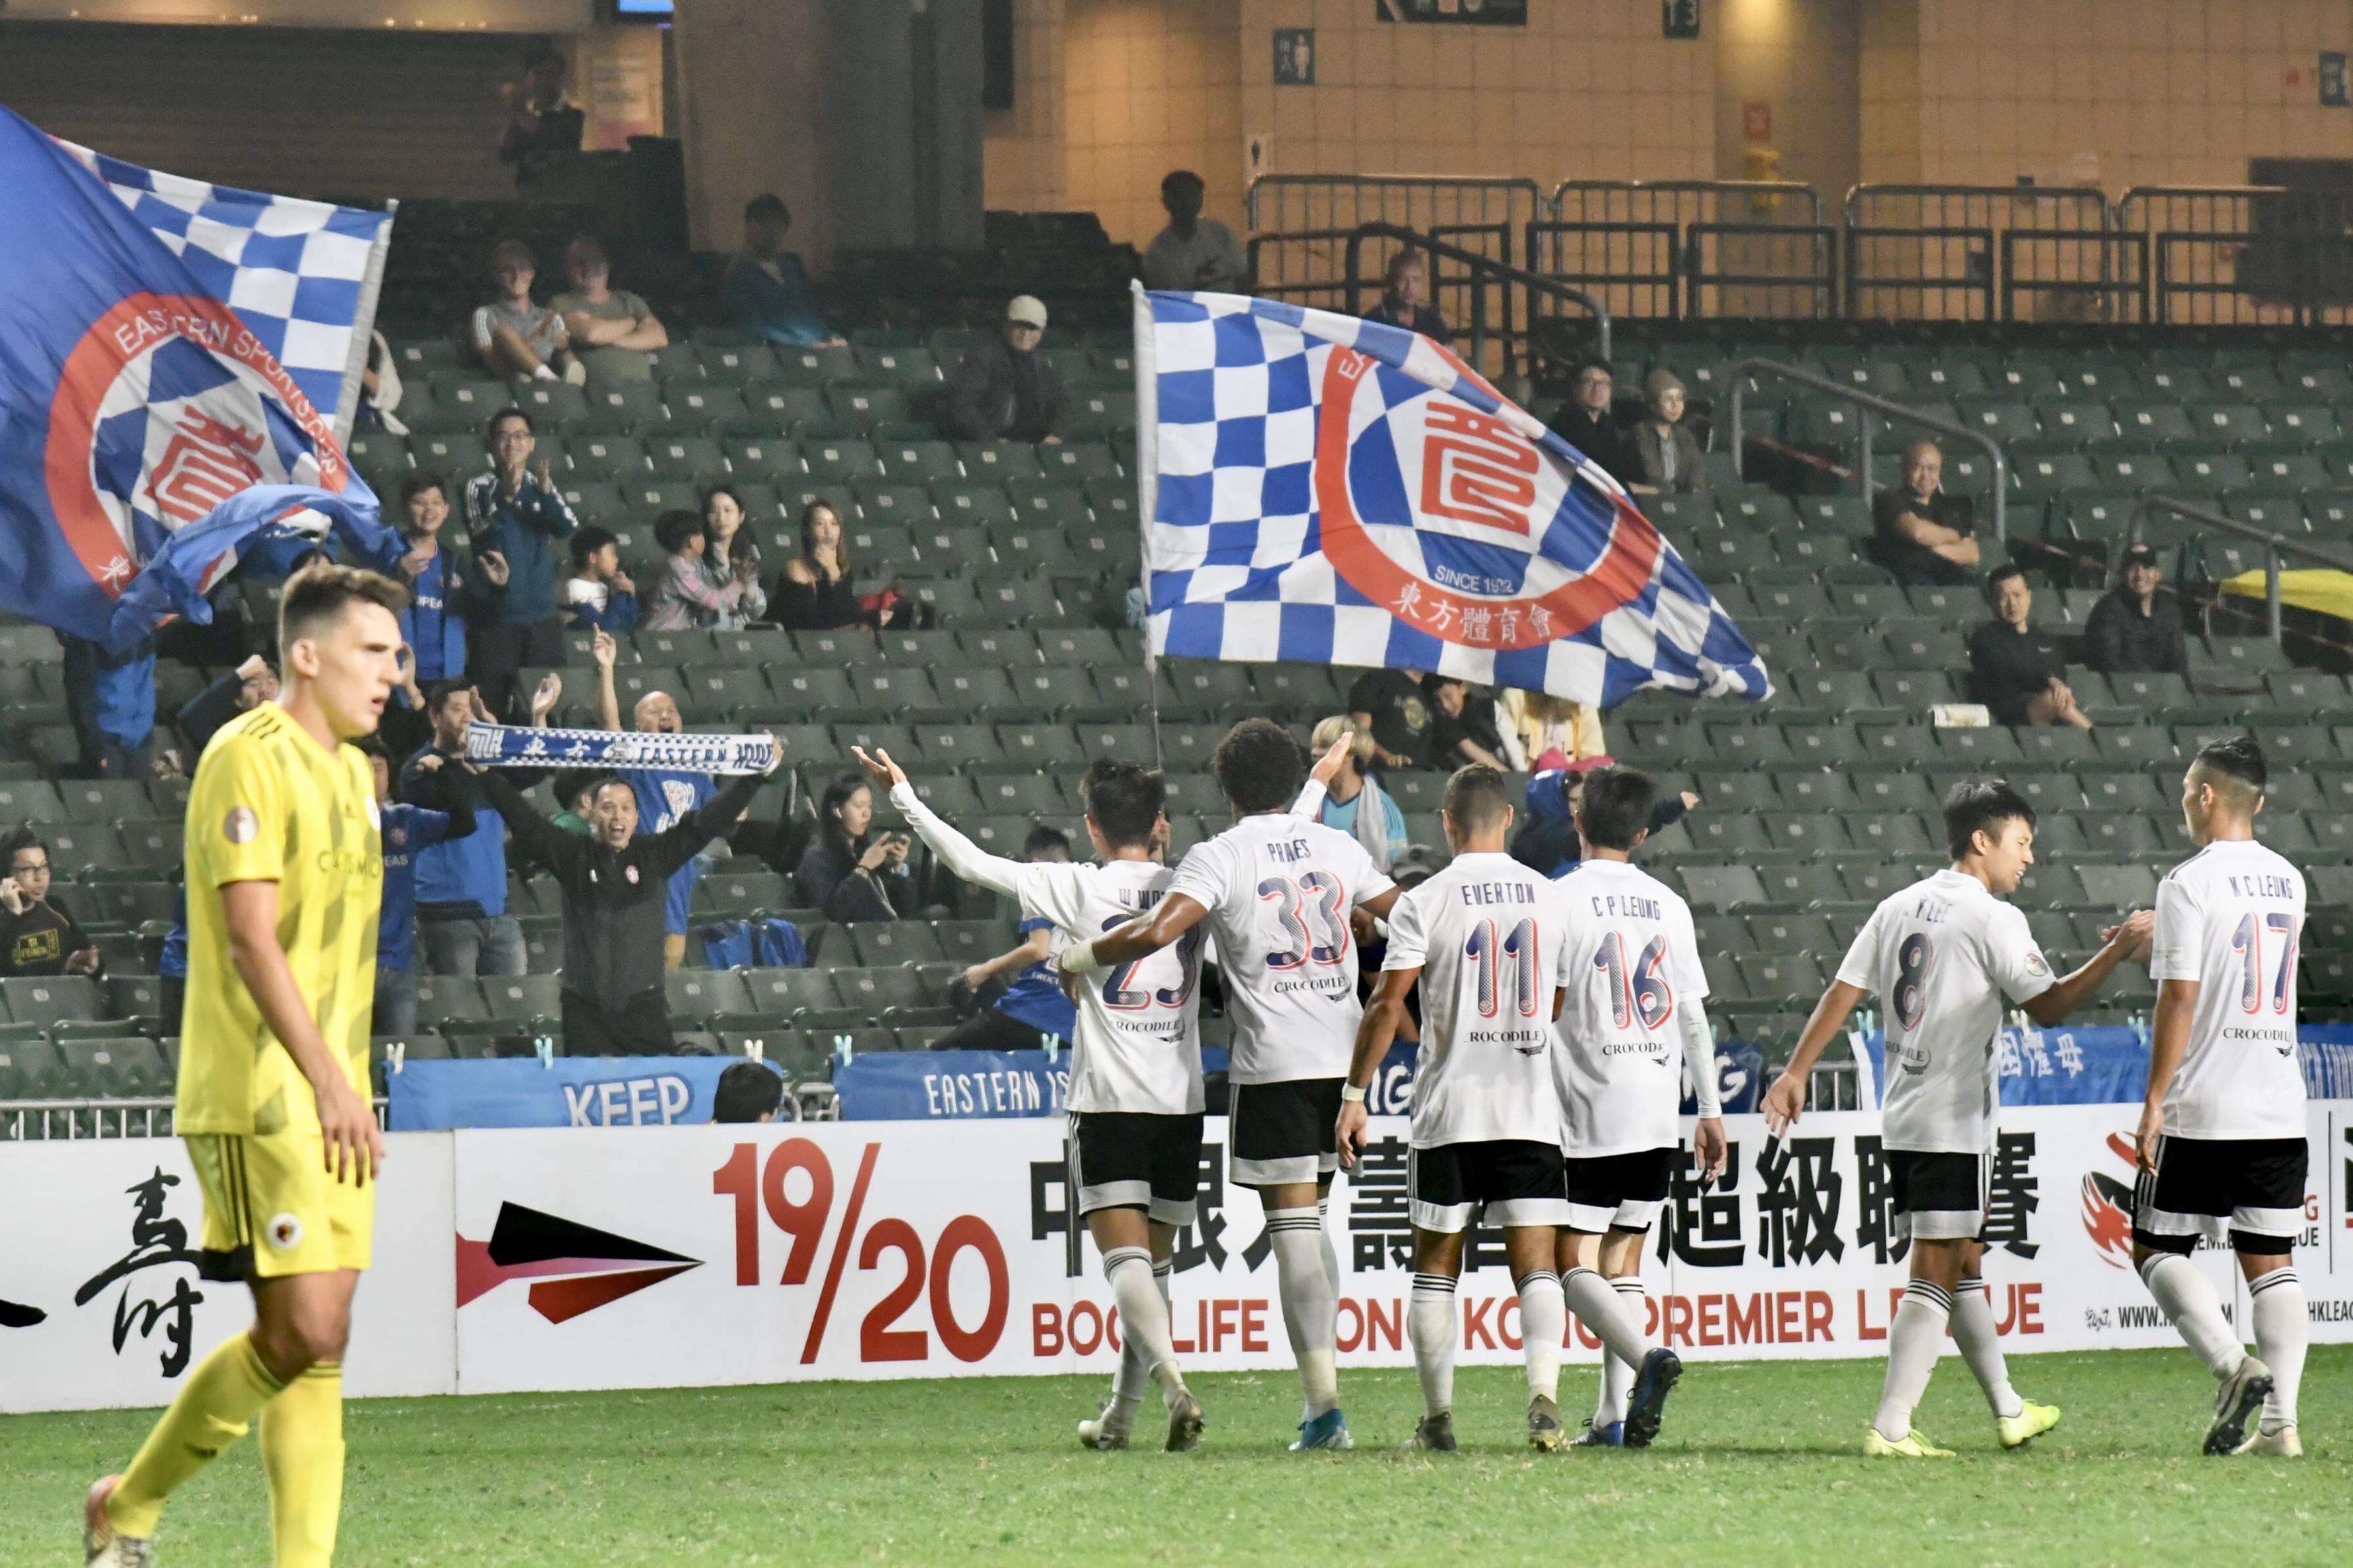 東方球迷揮大旗慶祝勝利。梁柏琛攝